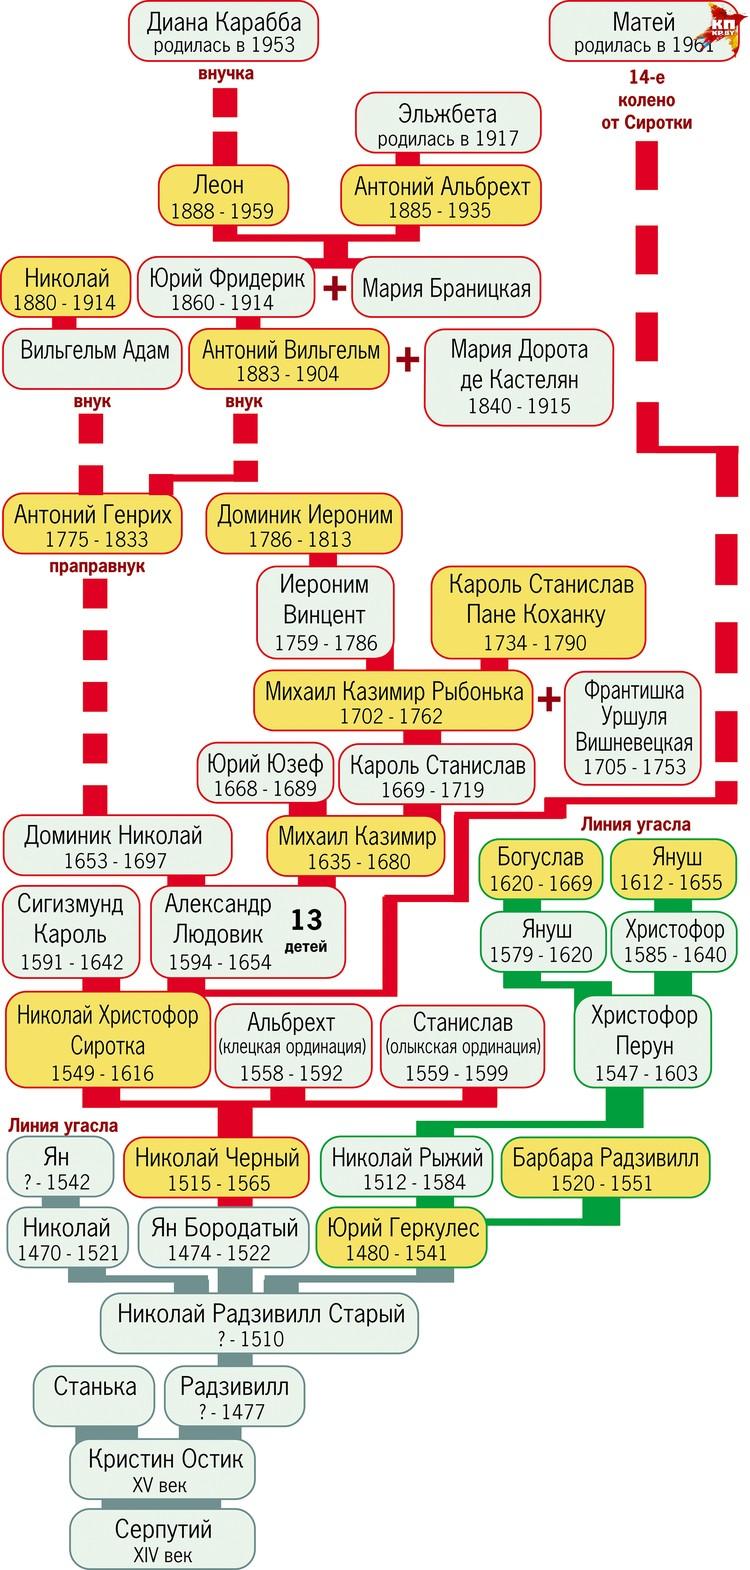 Генеологическое дерево рода Радзивилов.